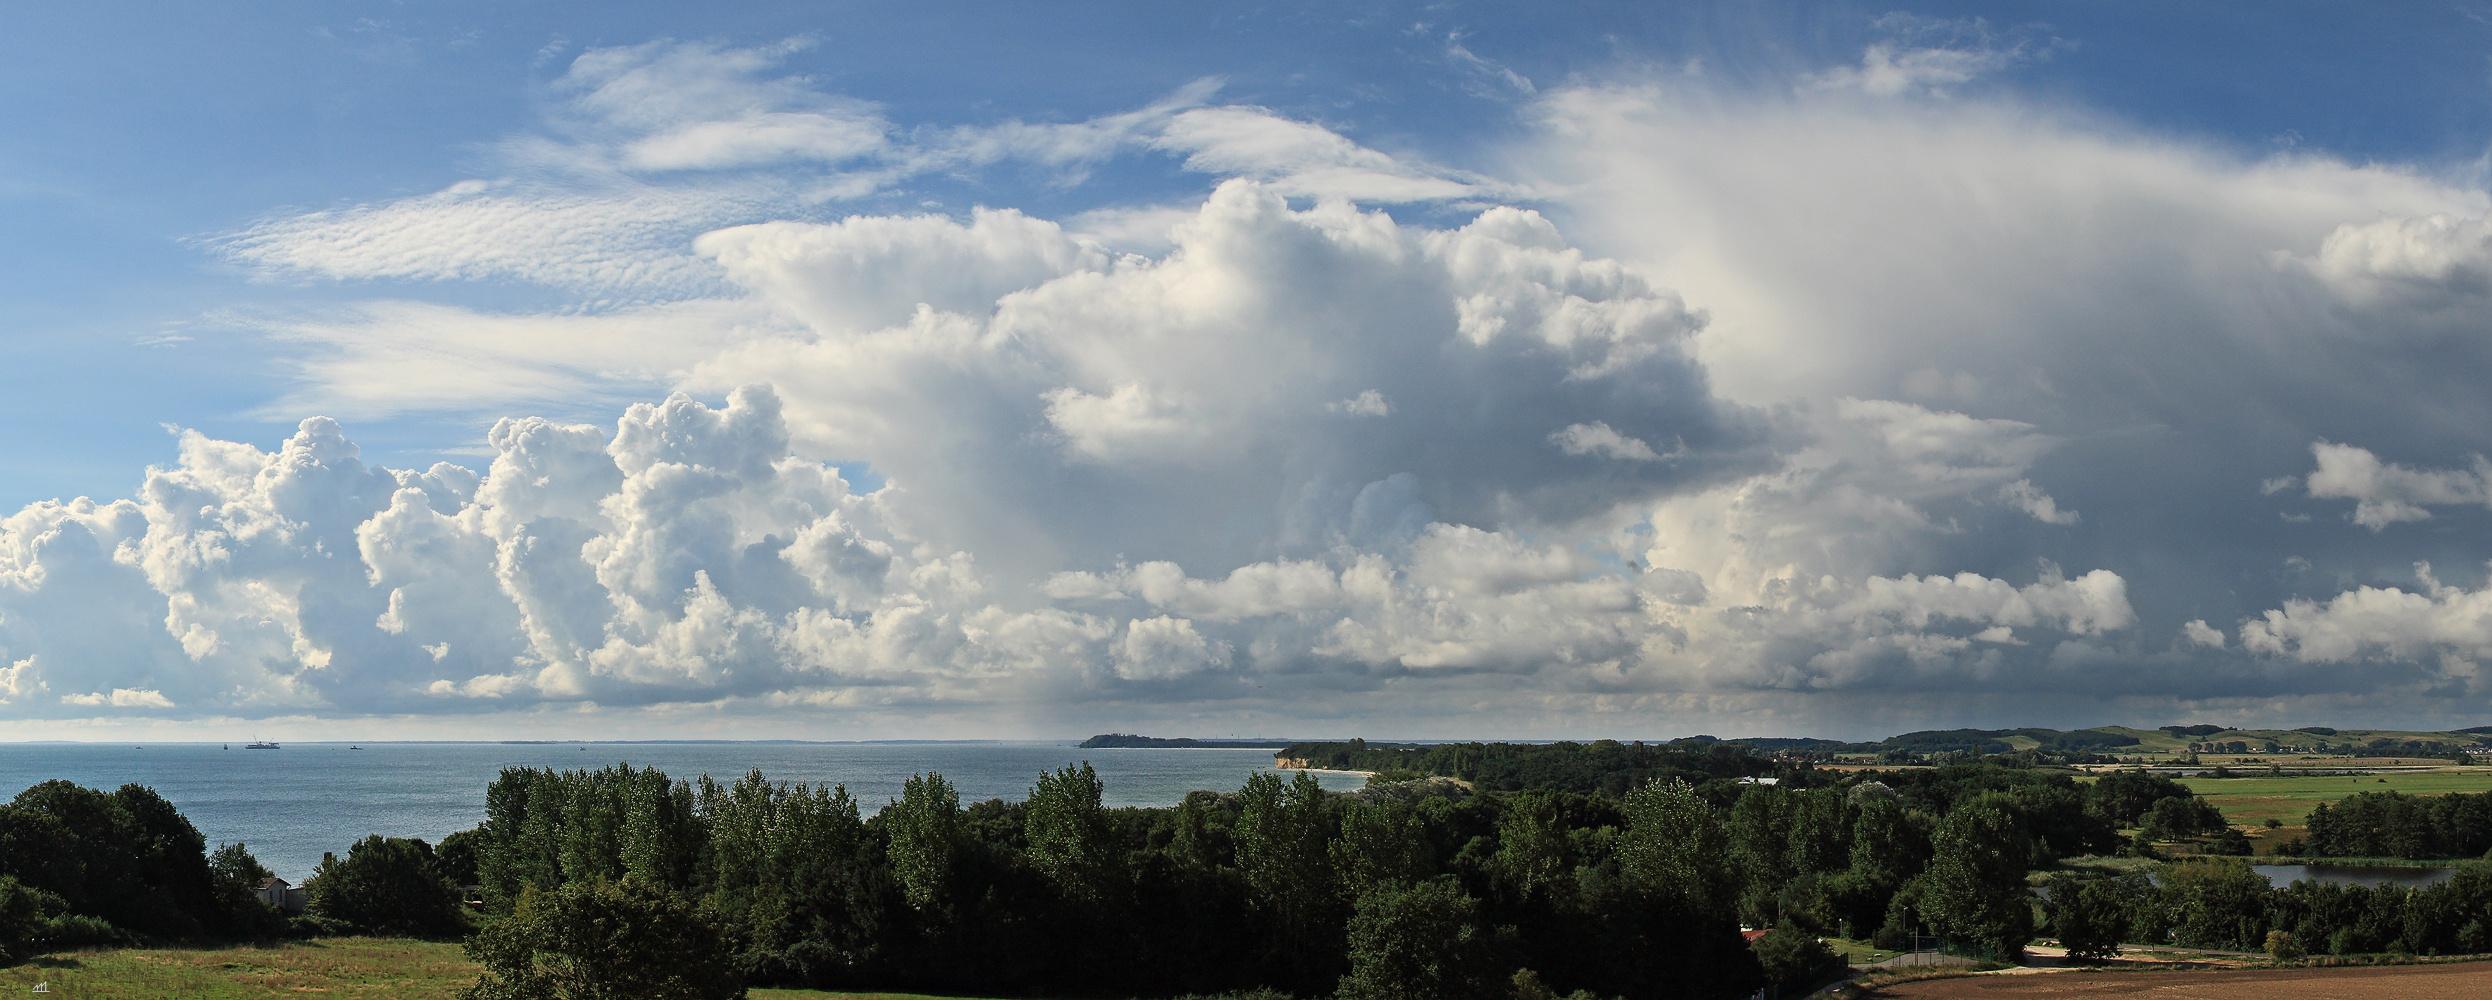 Wolkenschauspiel über dem Greifswalder Bodden